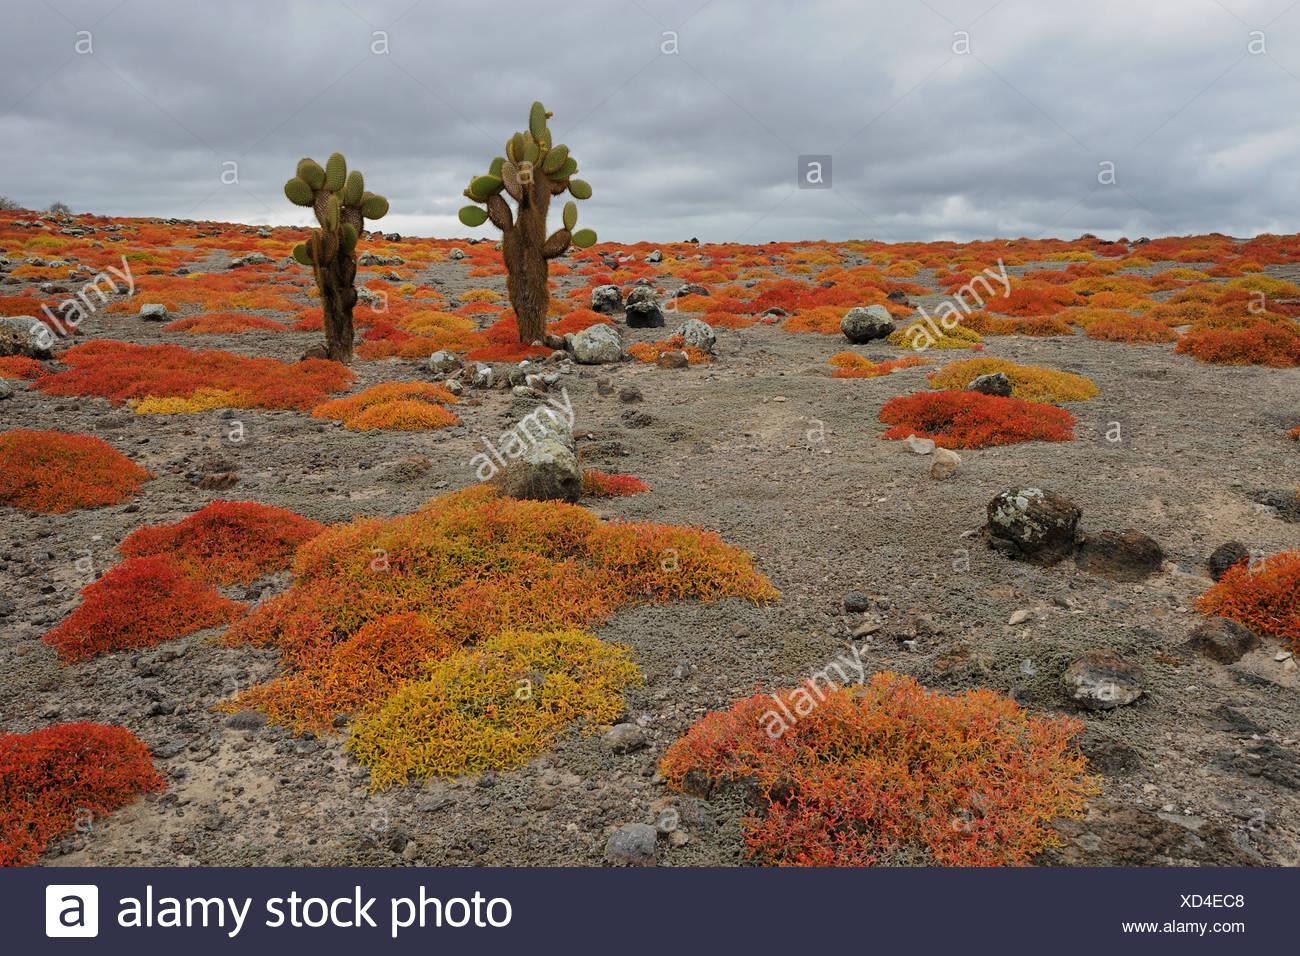 Opuntien (Opuntia Echios) wächst aus einem Teppich aus Galapagos Sesuvium, Plaza Sur Insel, Galapagos-Inseln, Ecuador, bin Süd Stockbild